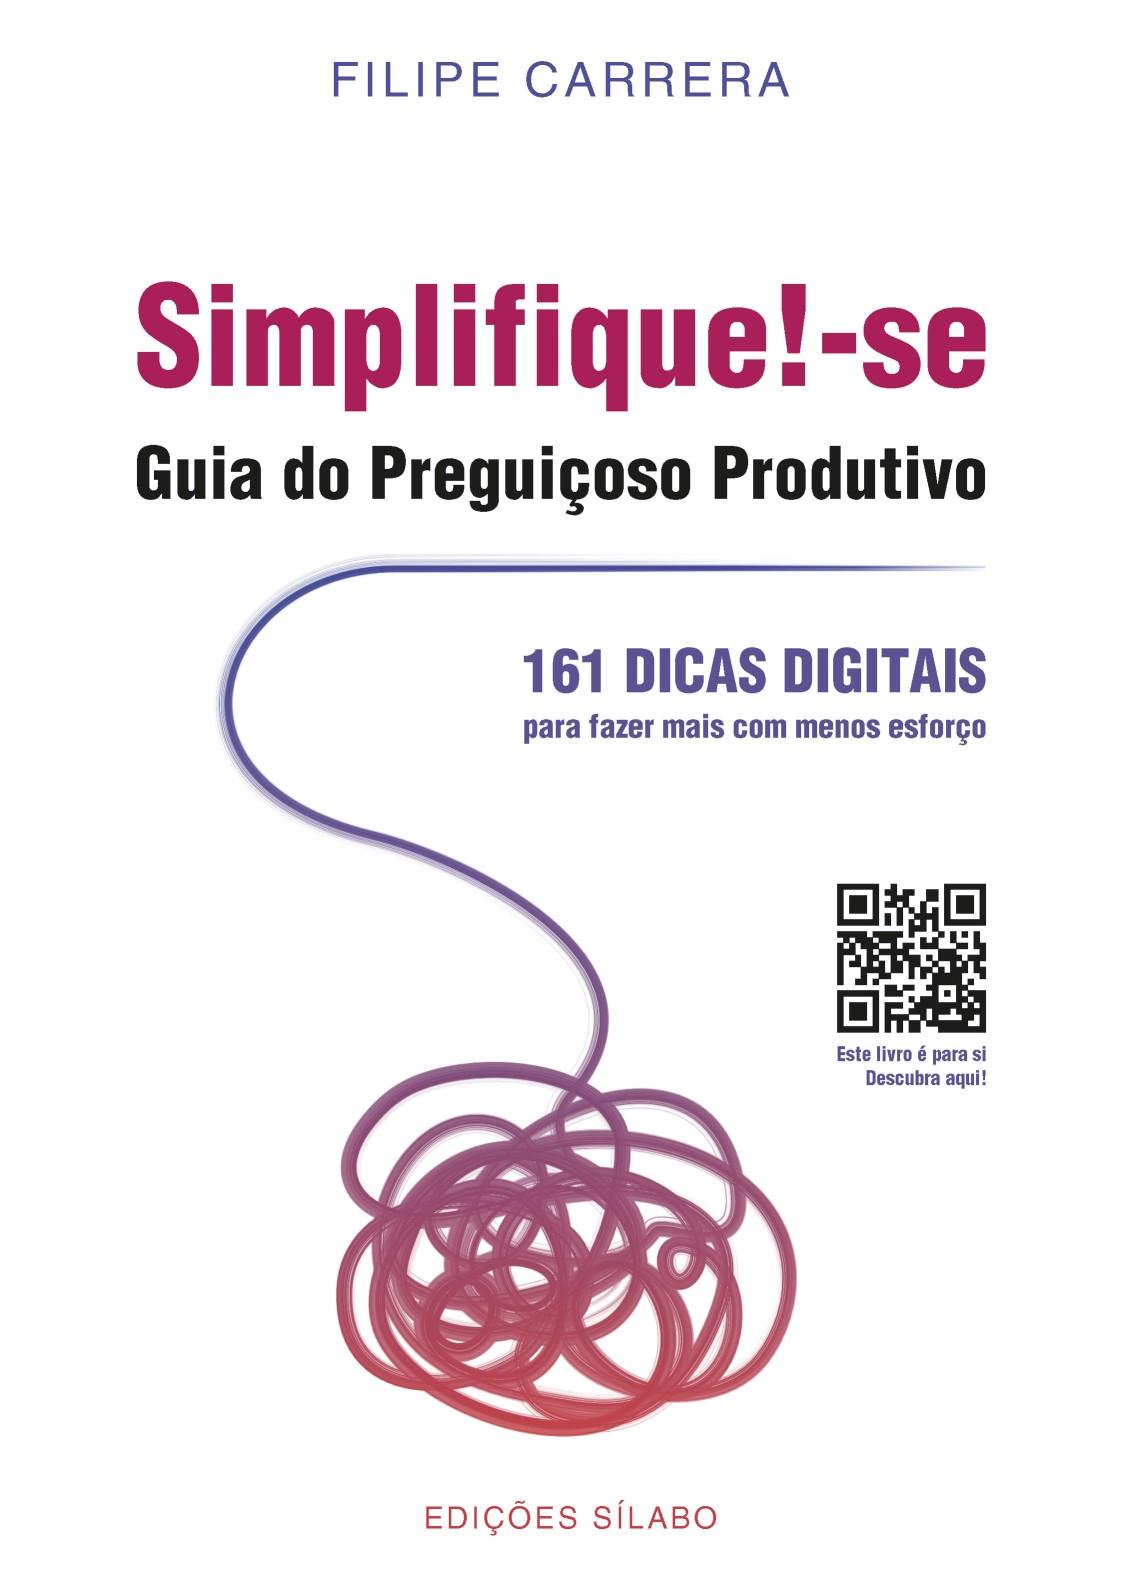 Simplifique!-se – Guia do Preguiçoso Produtivo